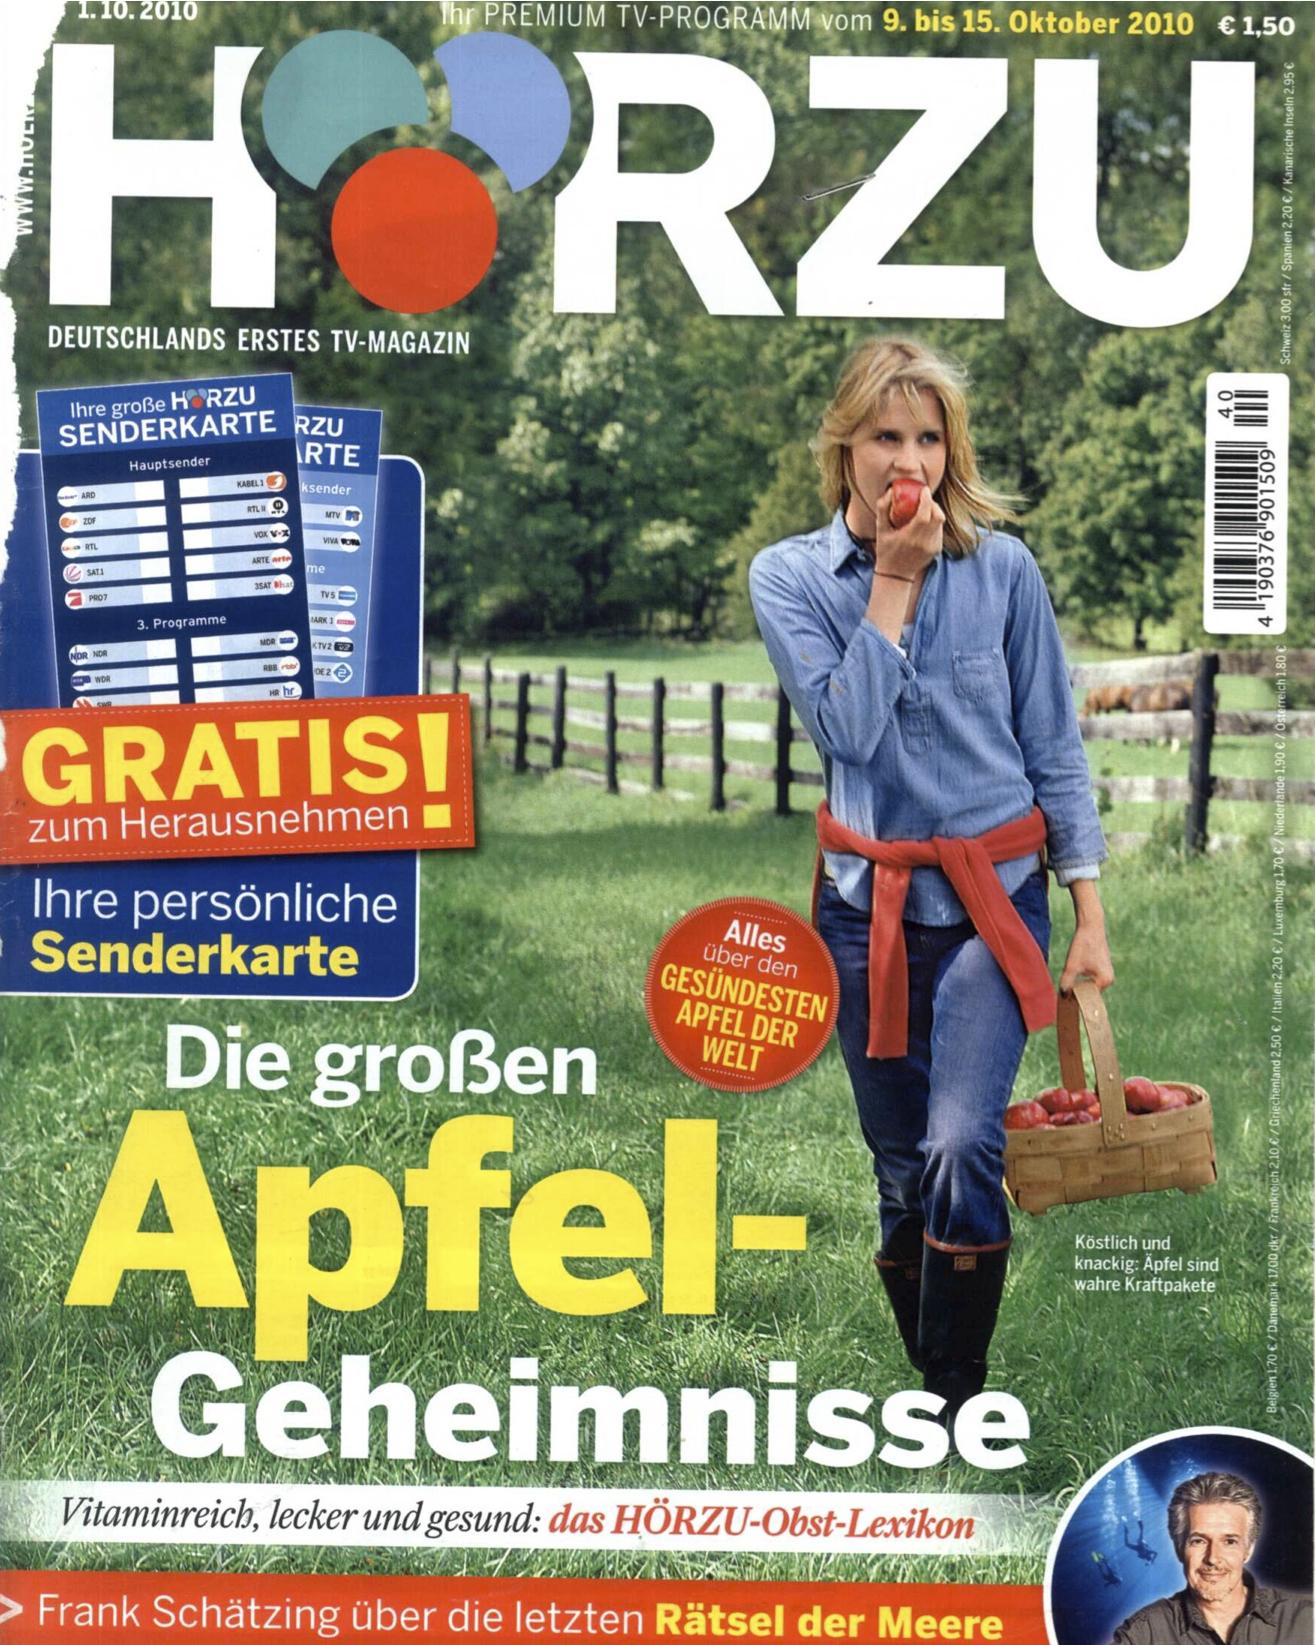 HZ_1.10.2010_Cover.jpg